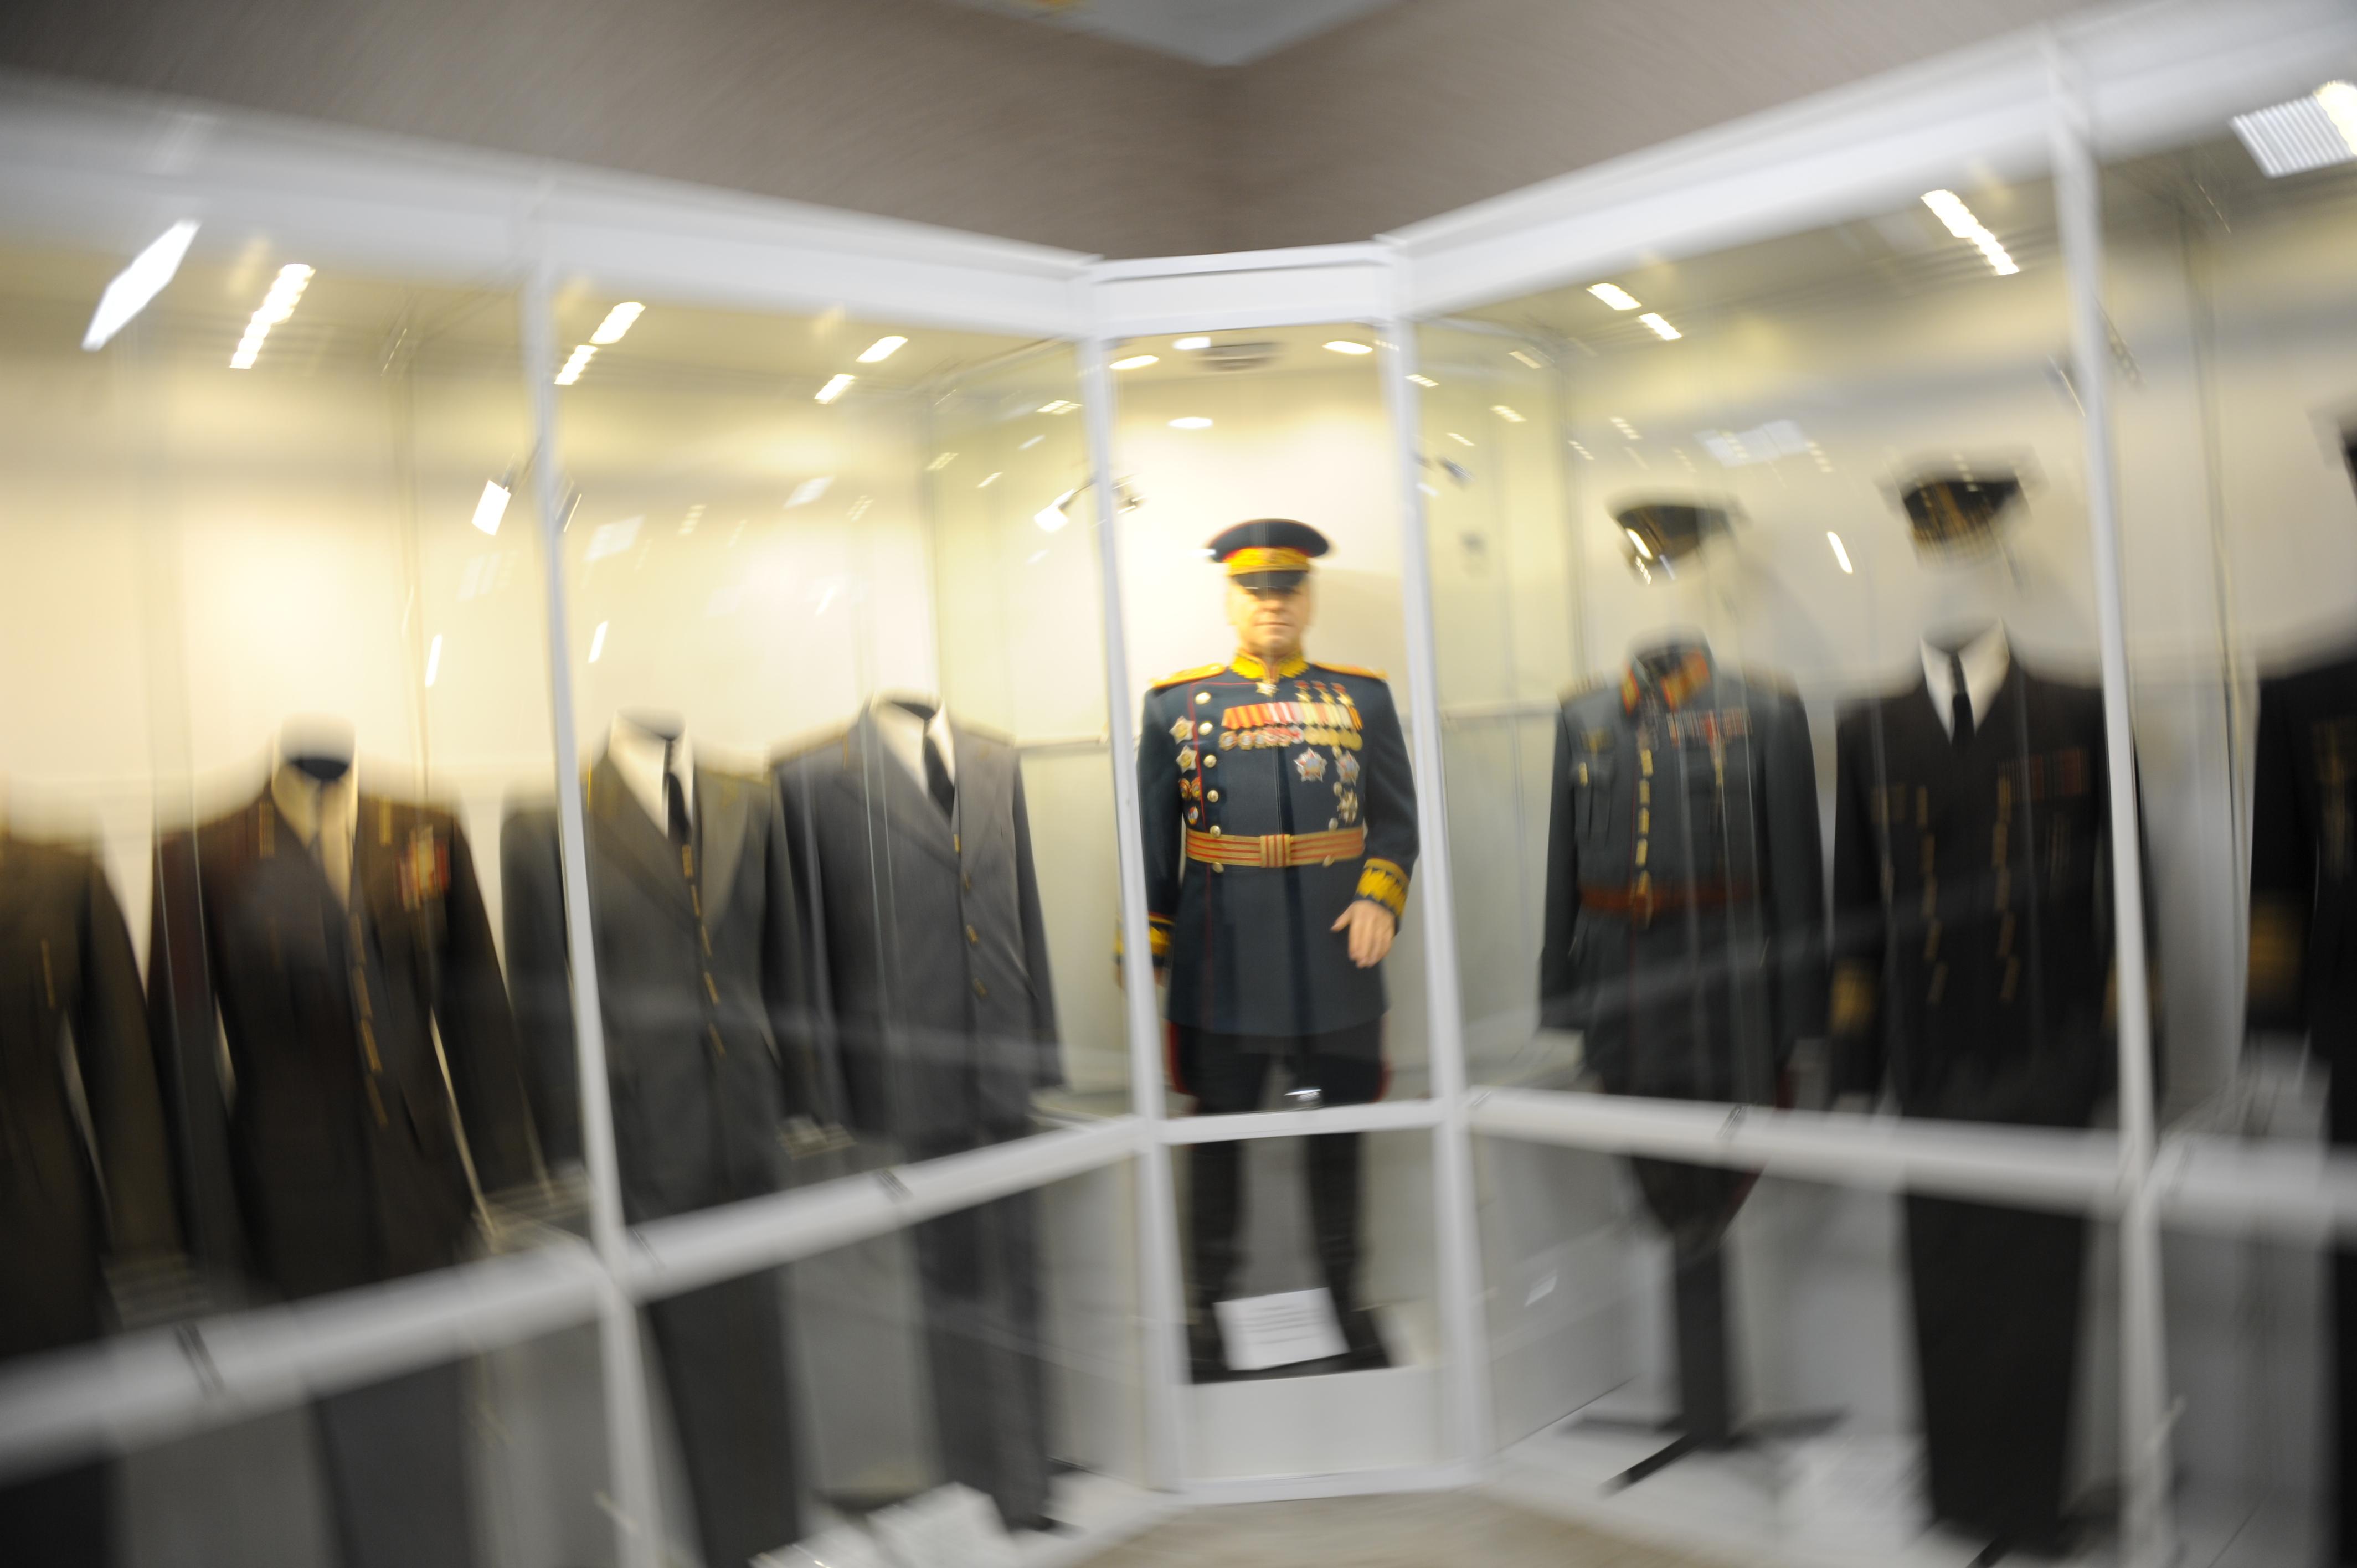 Проект к 290-летию Александра Суворова представят в Музее военой формы. Фото: Светлана Колоскова, «Вечерняя Москва»